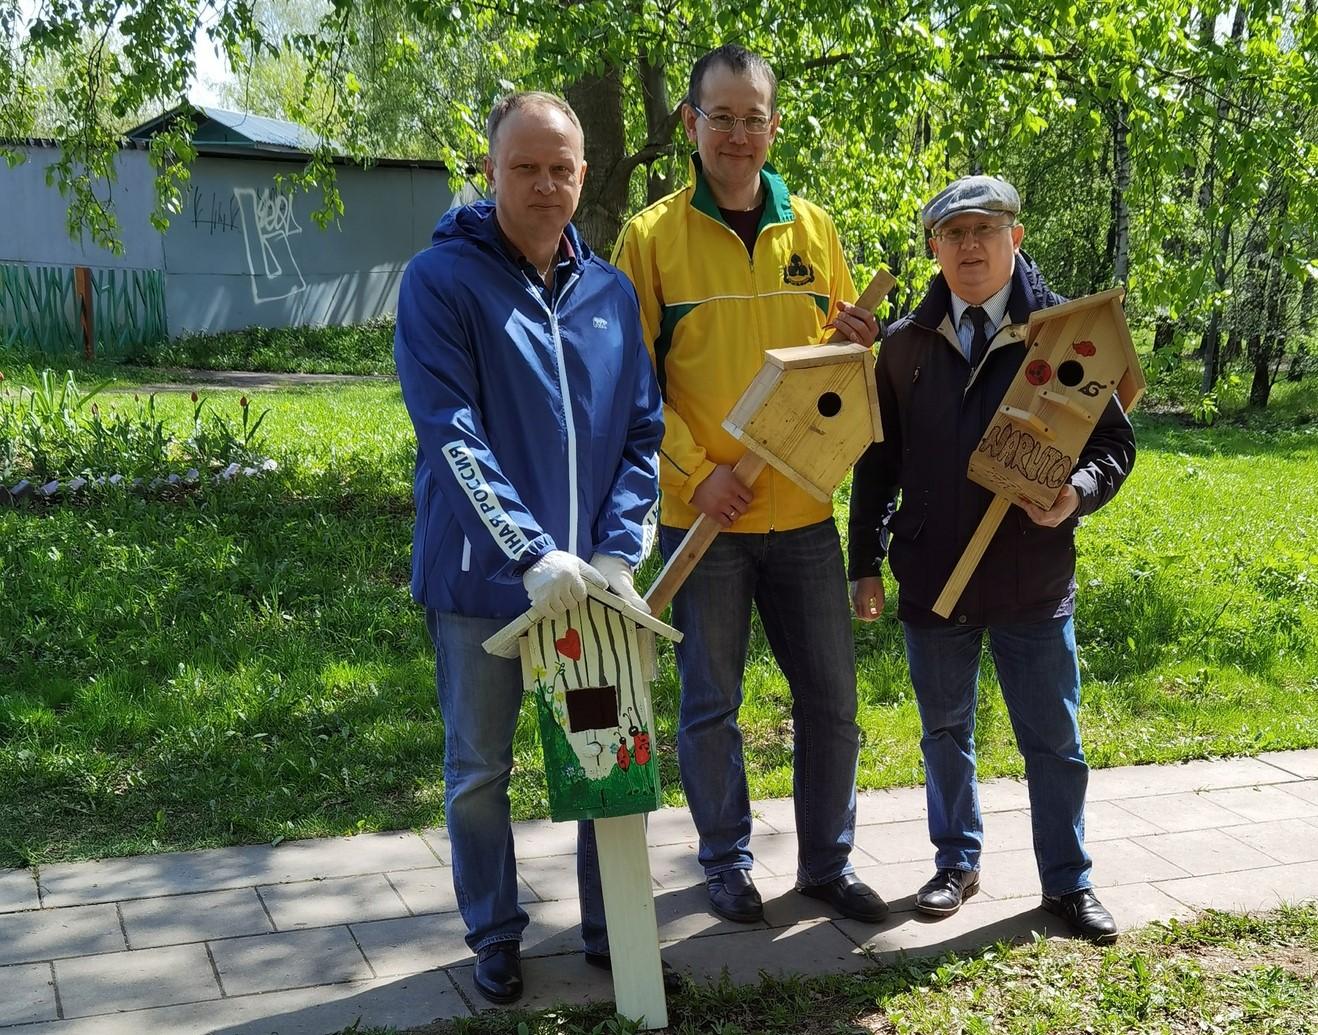 Зеленый город: птичьи домики вывесили в Орехове-Борисове Южном